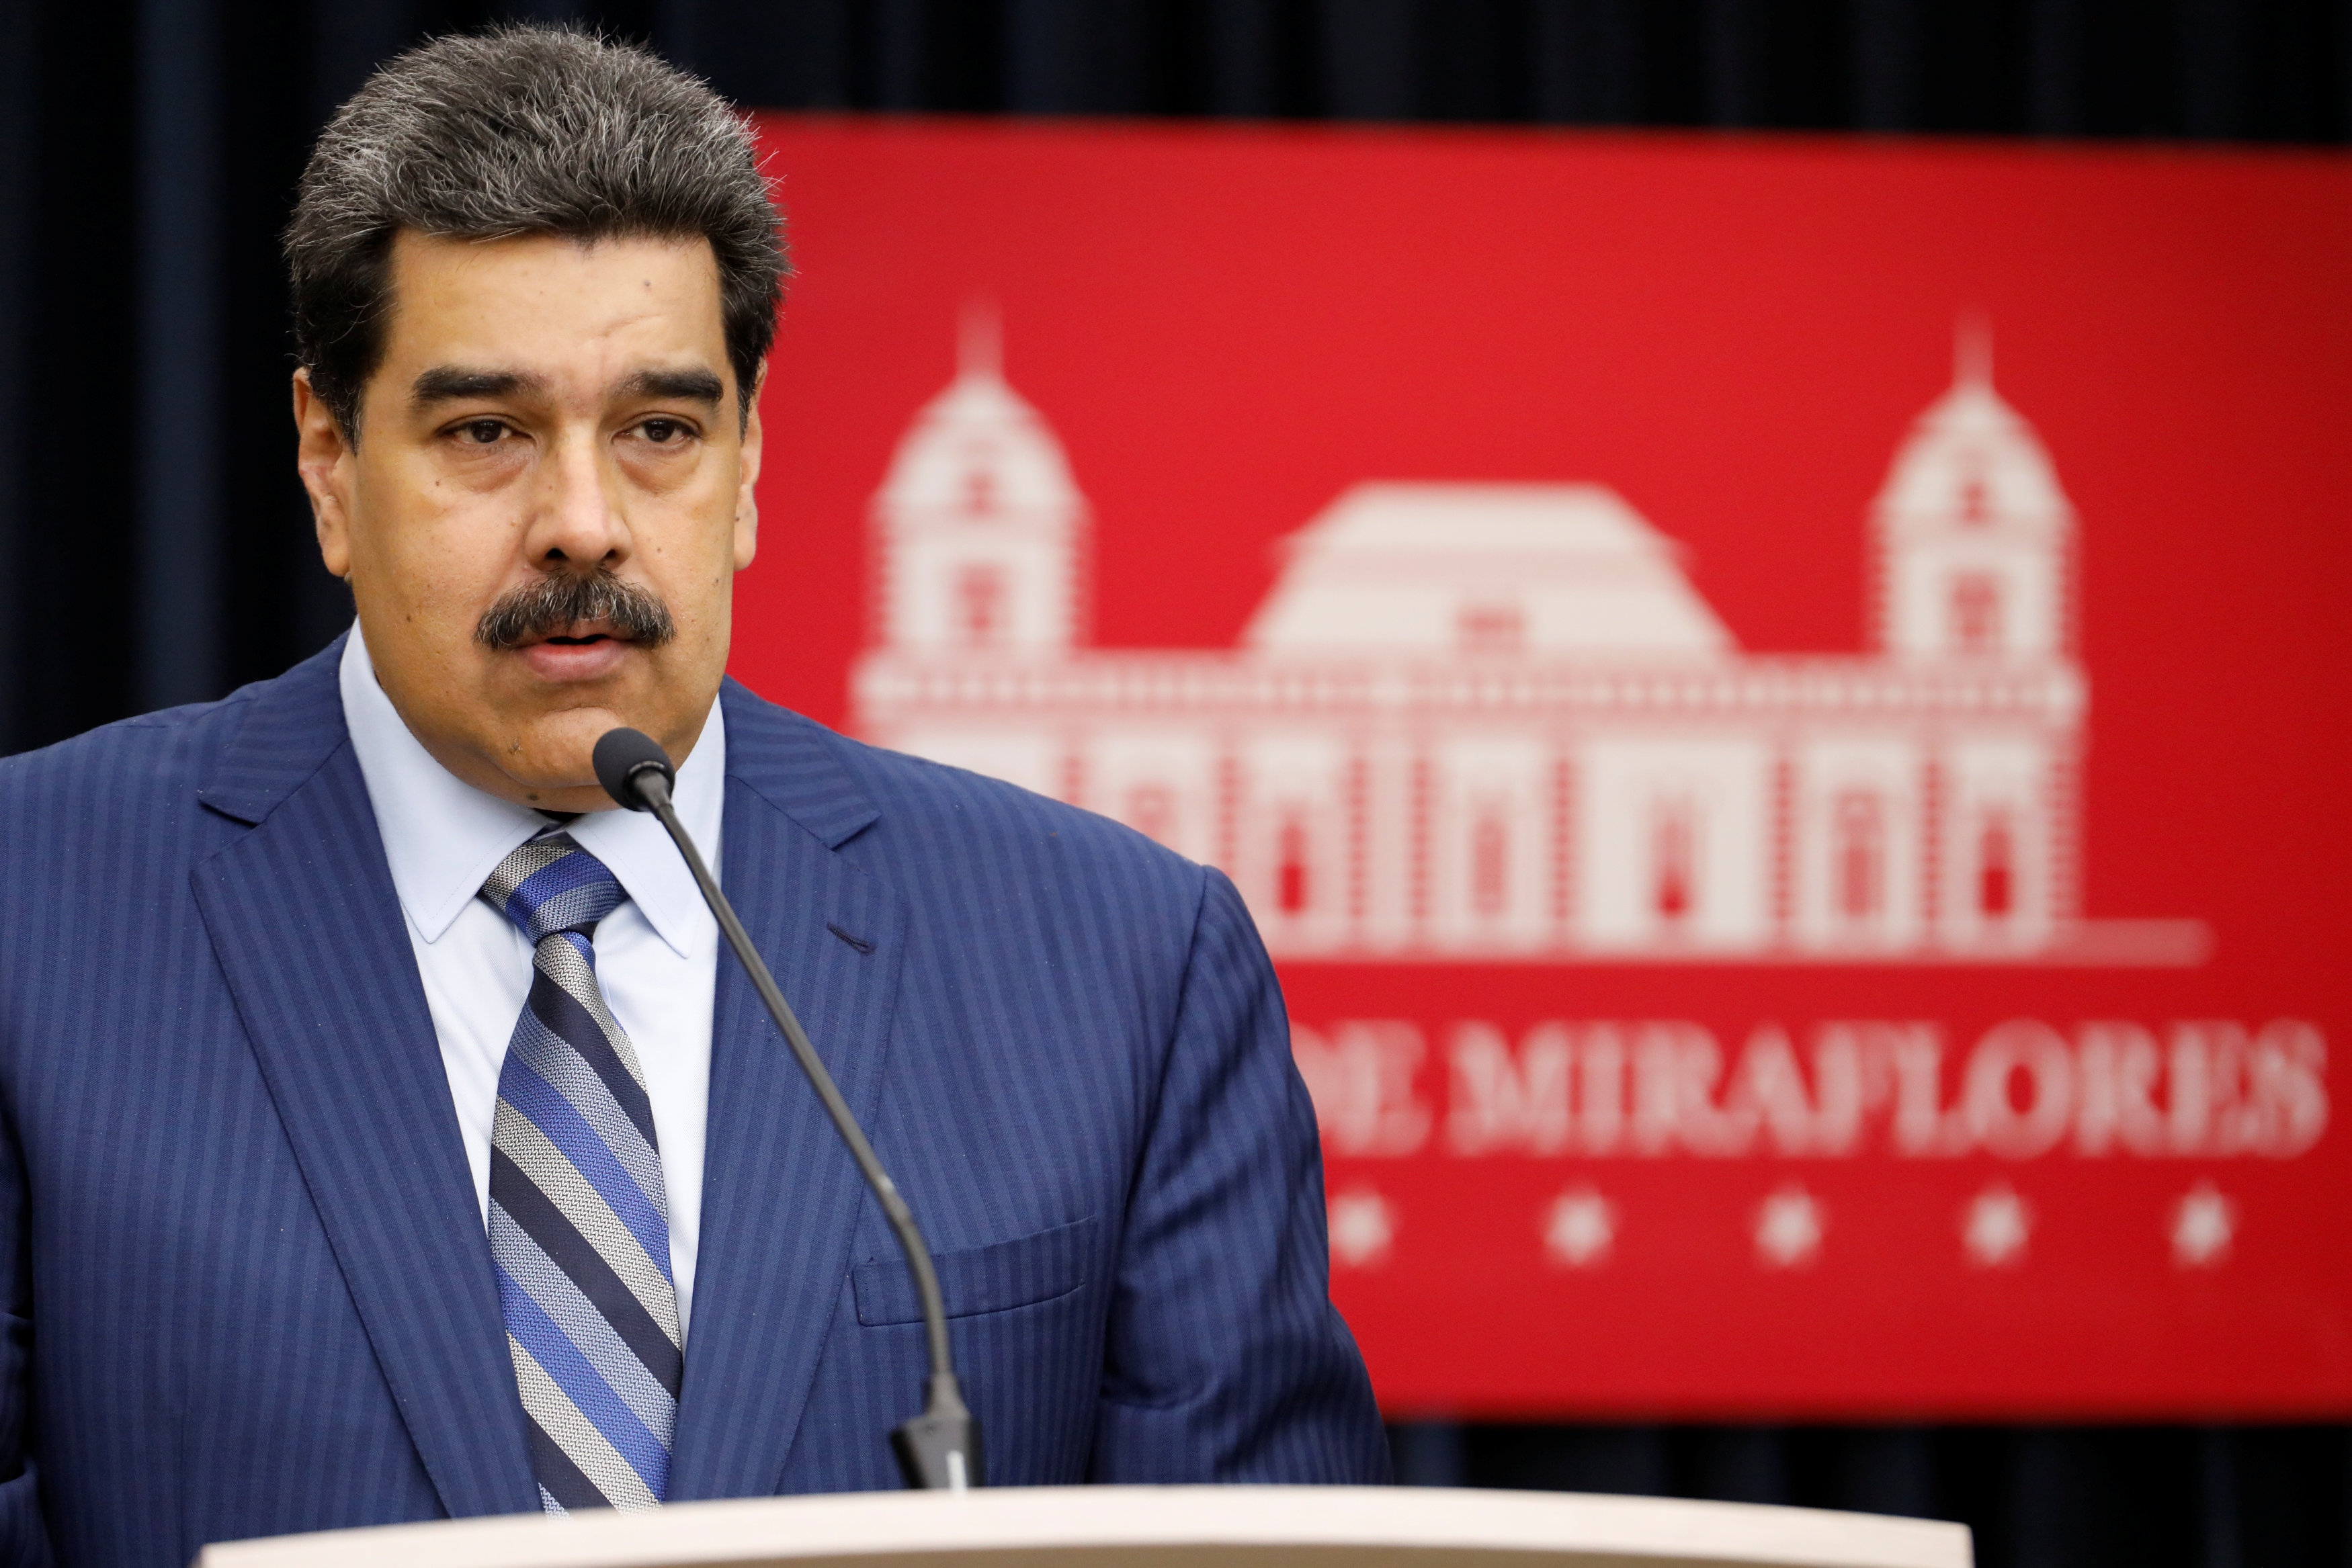 Exportaciones de petróleo venezolano caen a su menor nivel en casi 30 años